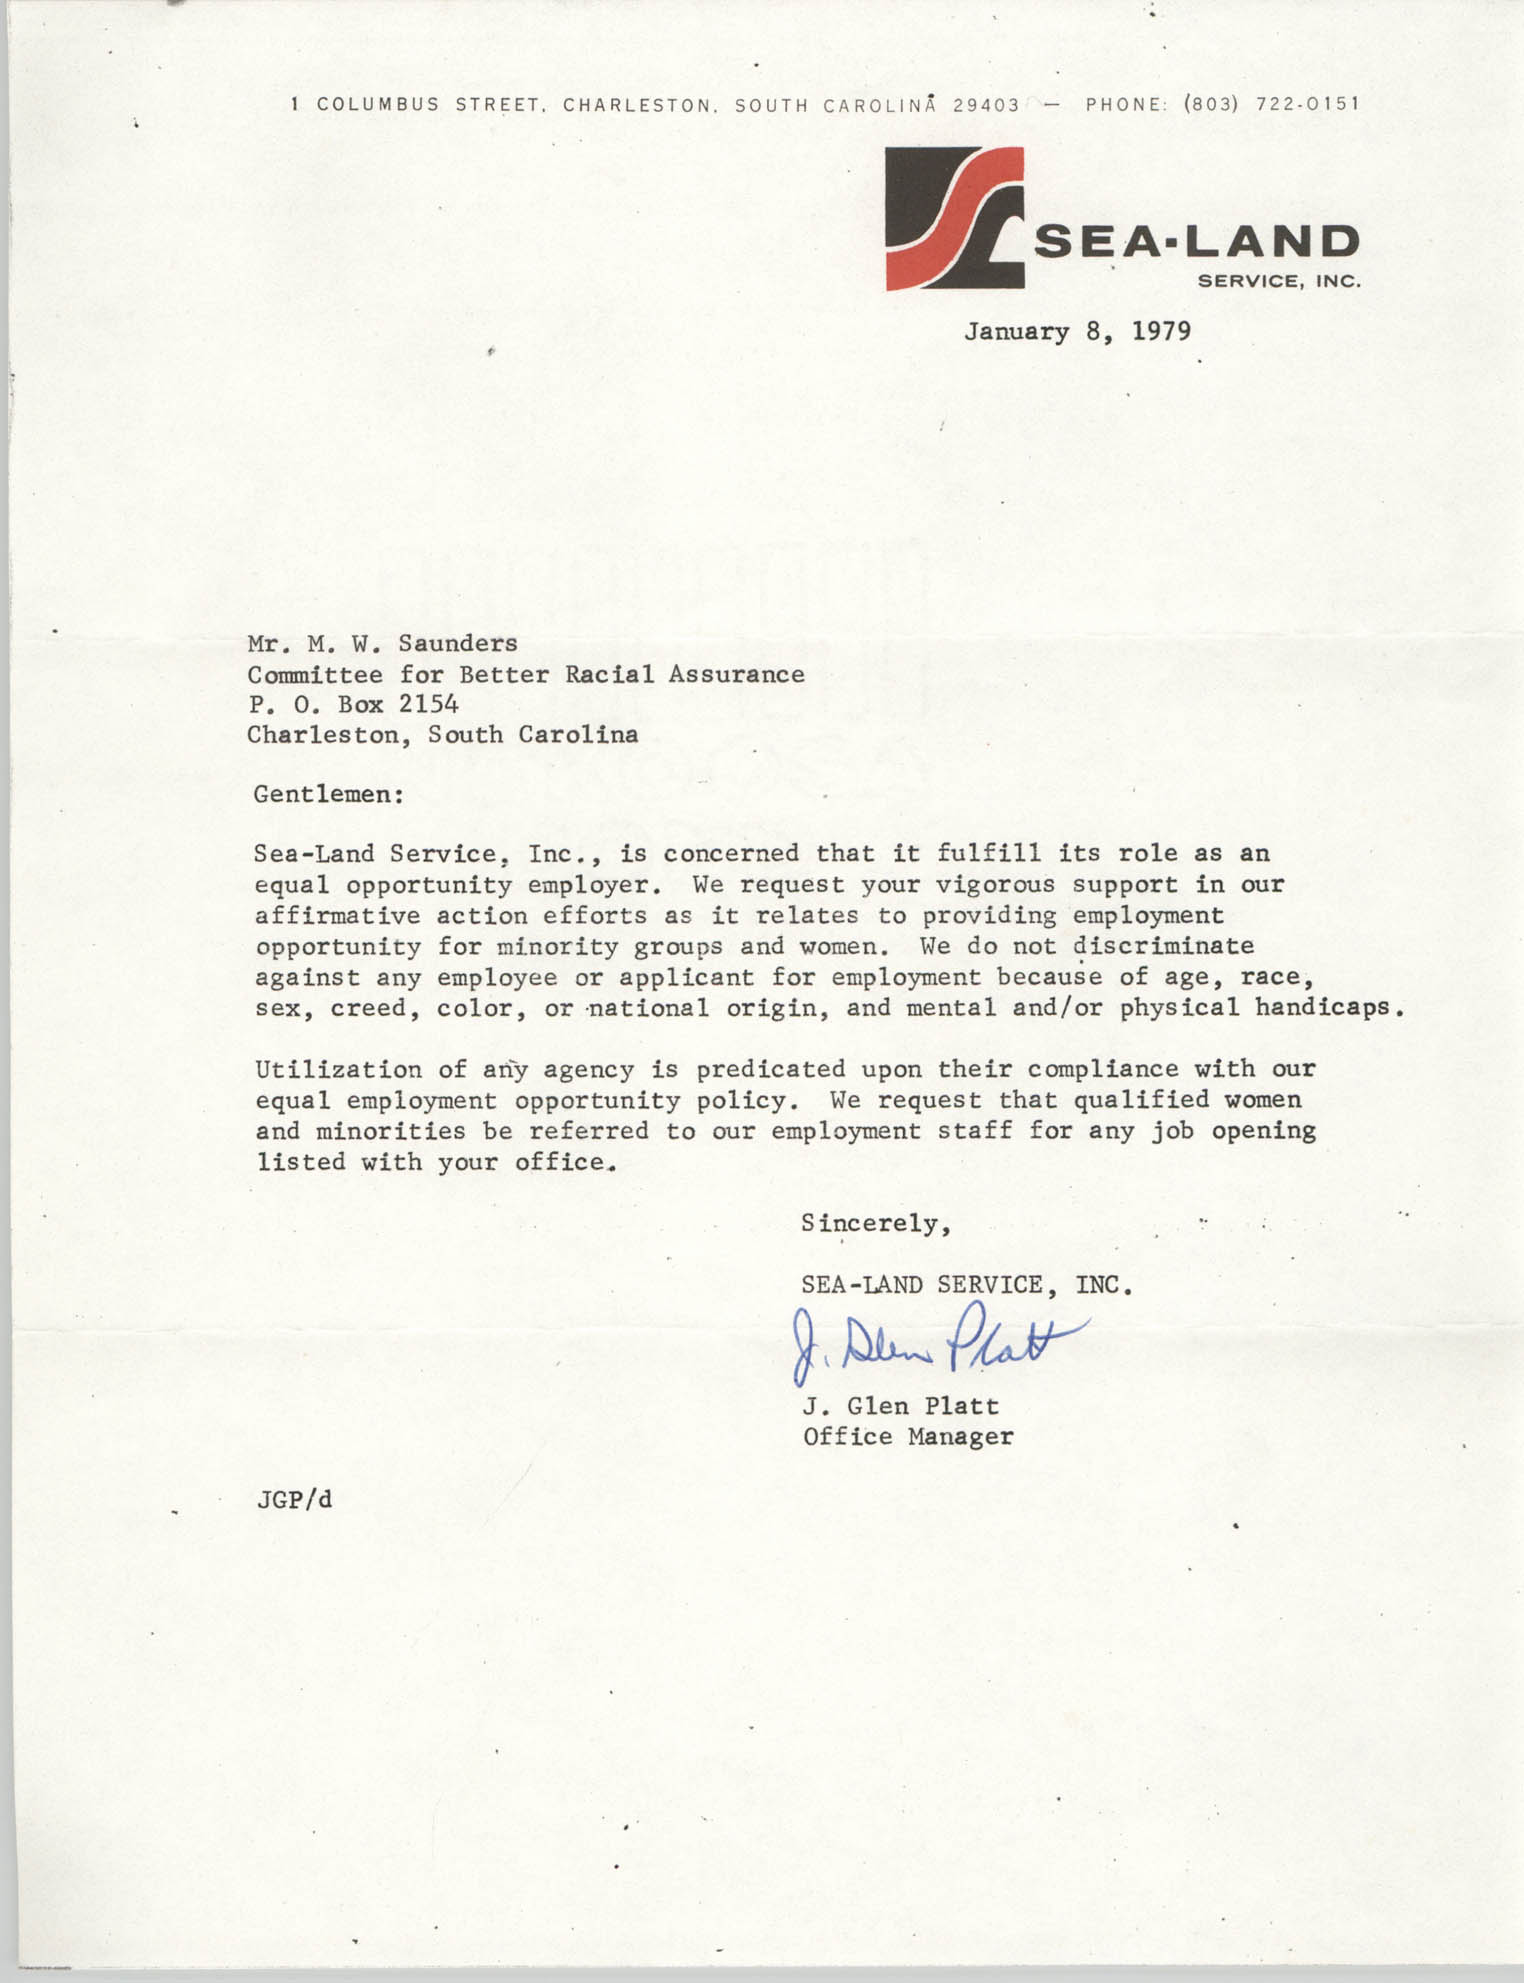 Letter from J. Glen Platt to William Saunders, January 8, 1979